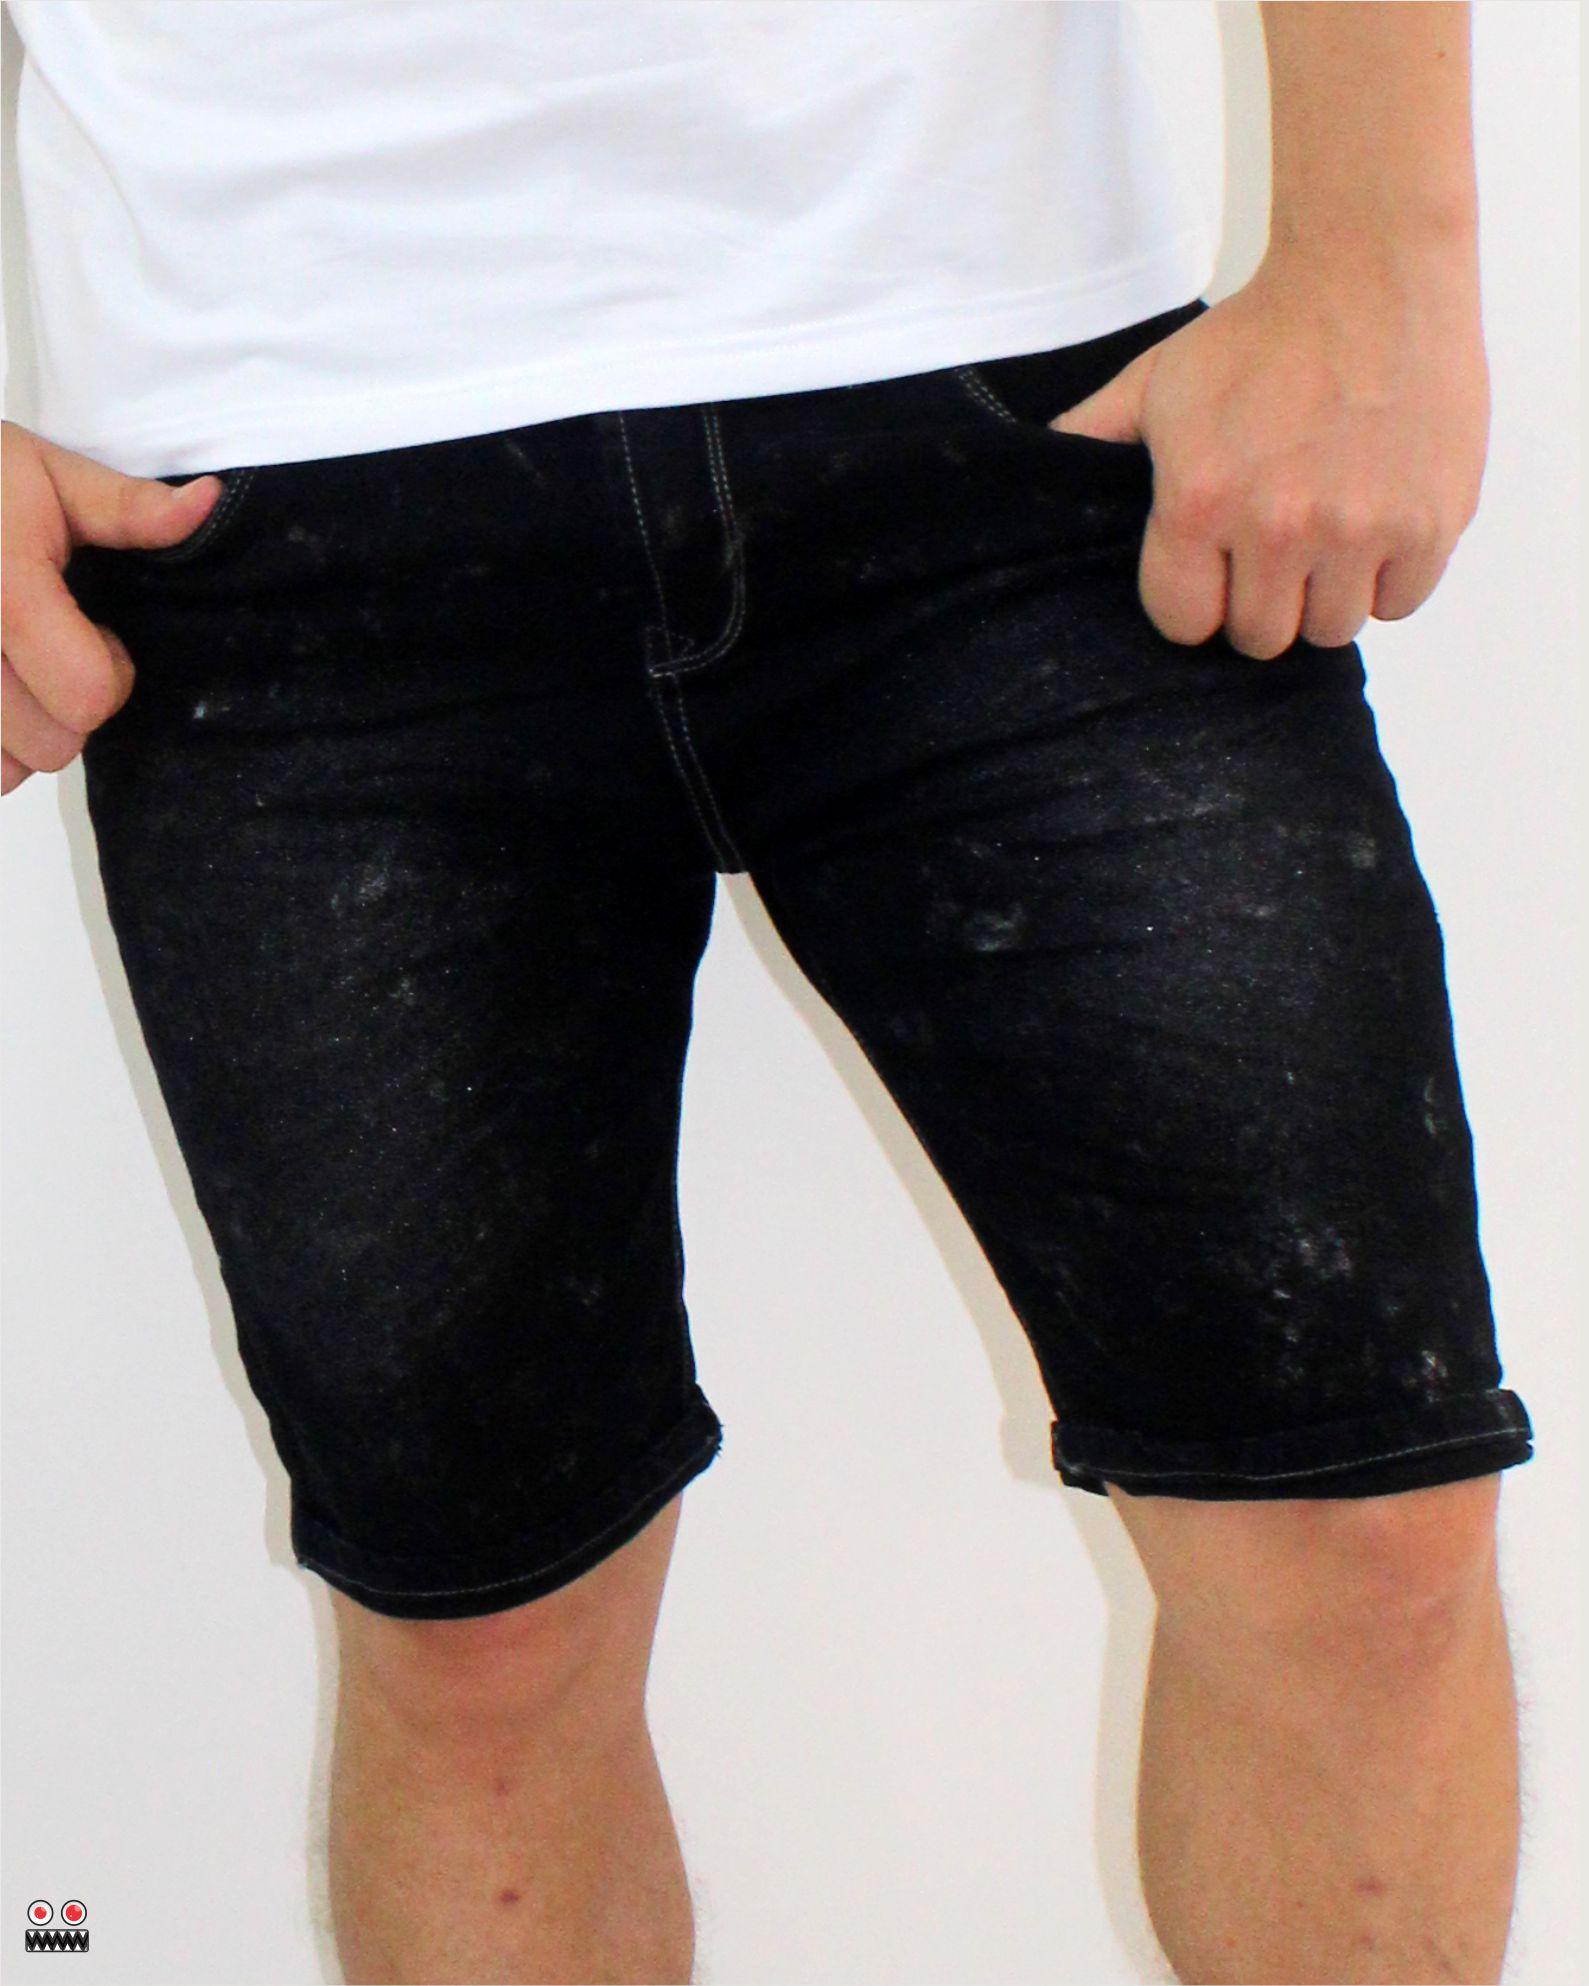 ref 1651 3 bermuda jean negro brillane tela 98% algodon mas 2% de expande, talla 26 28 30 32 34 36 38 $67.000 mil – copia